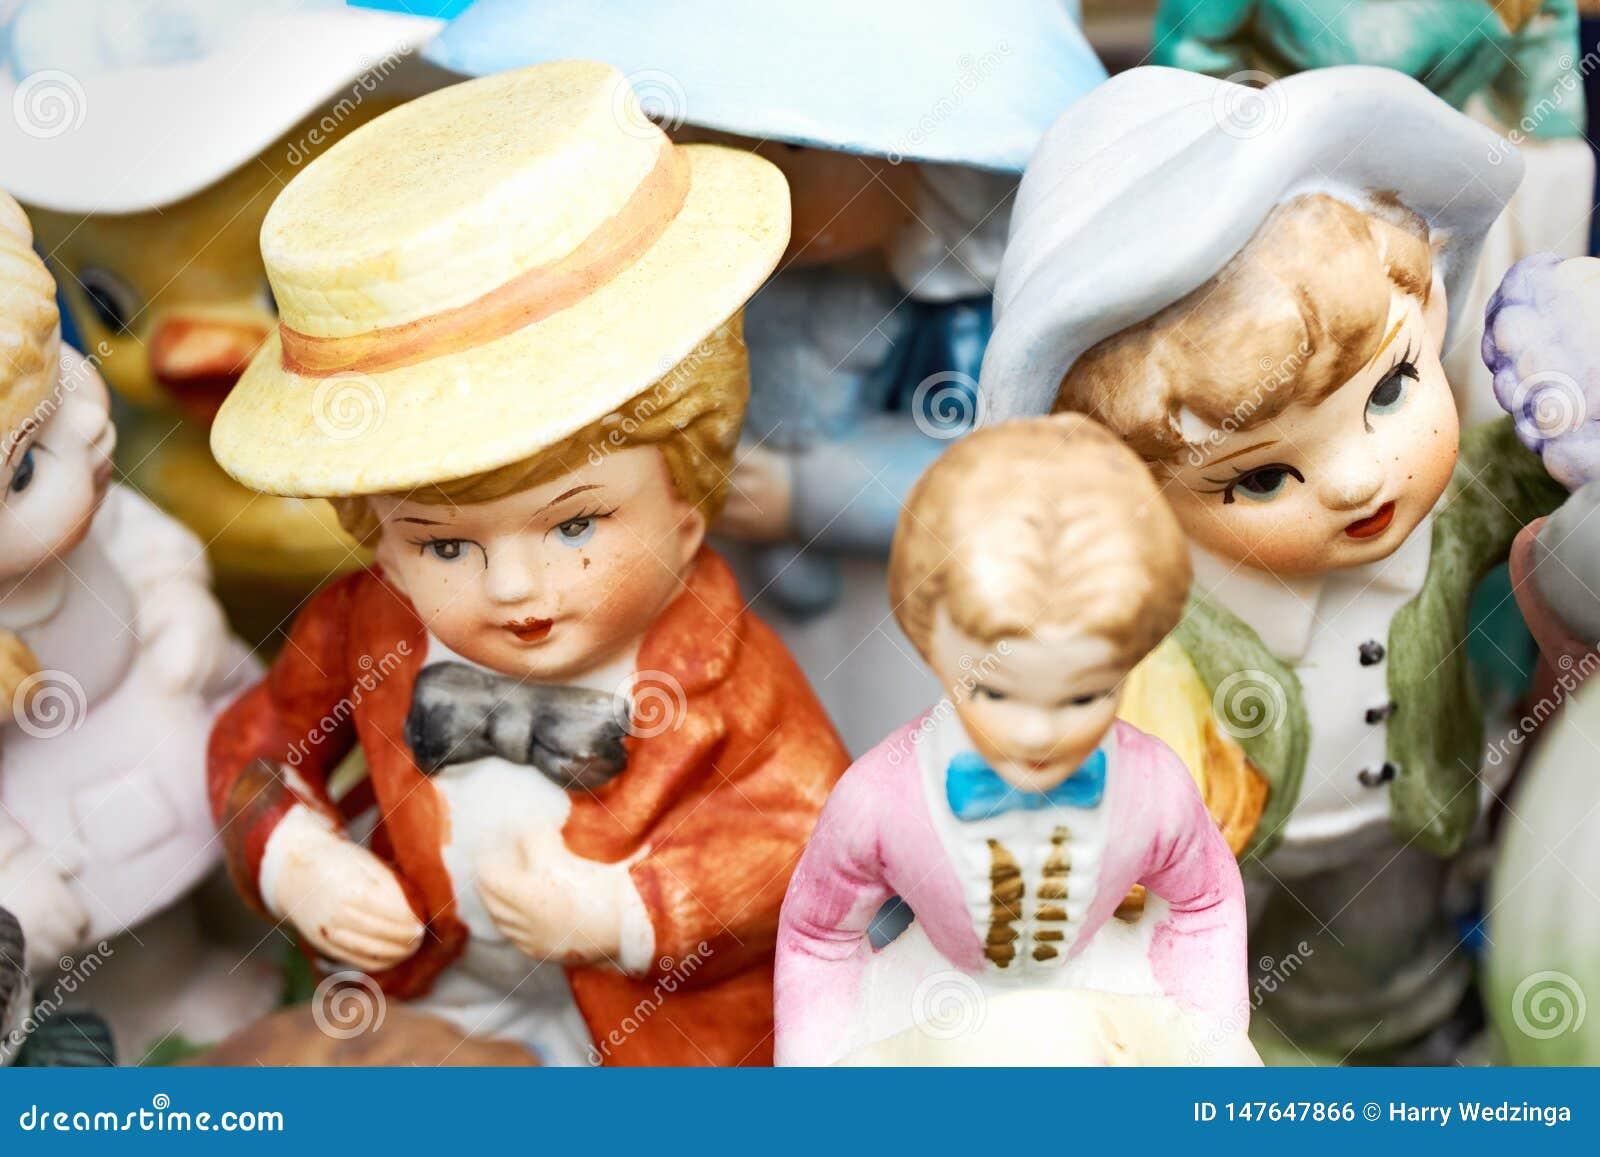 Handgemalter Mann und Frauenfiguren an einer Flohmarkt